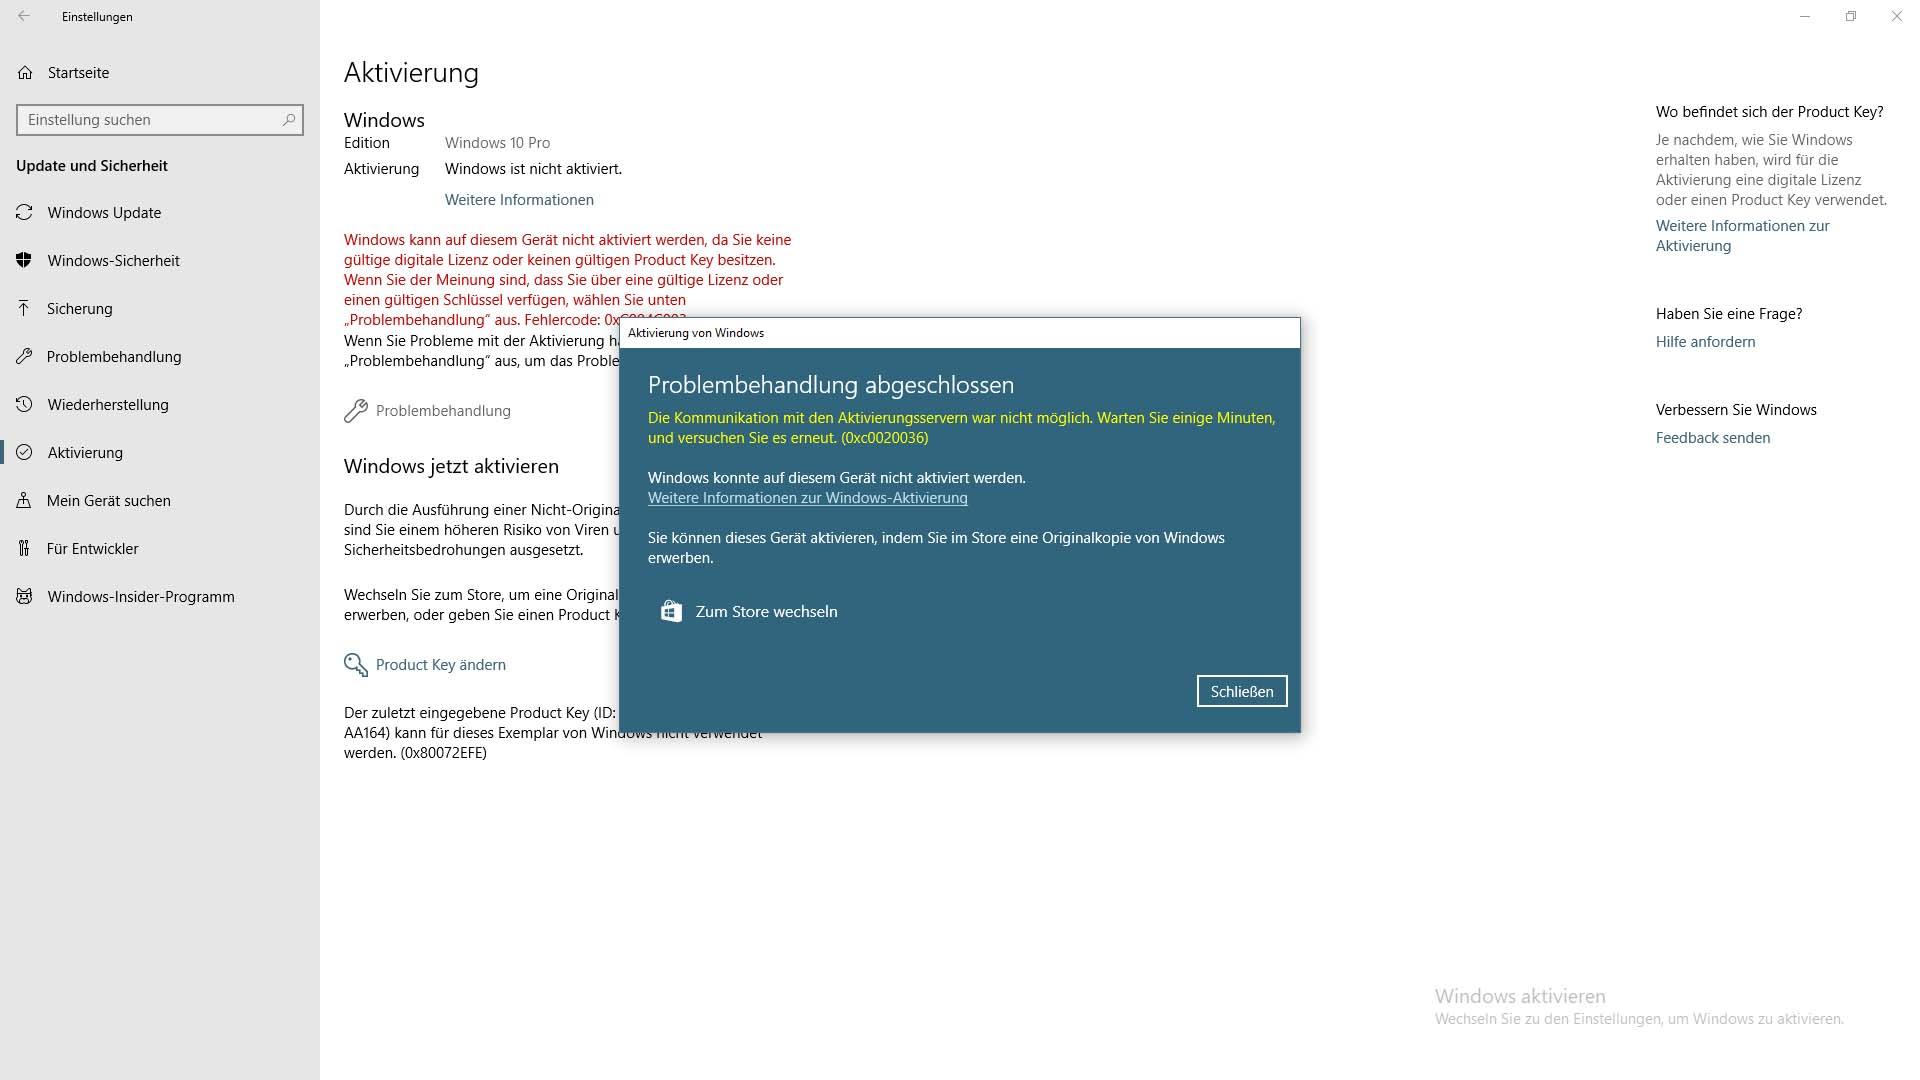 Windows 10 Pro Aktivierung plötzlich weg